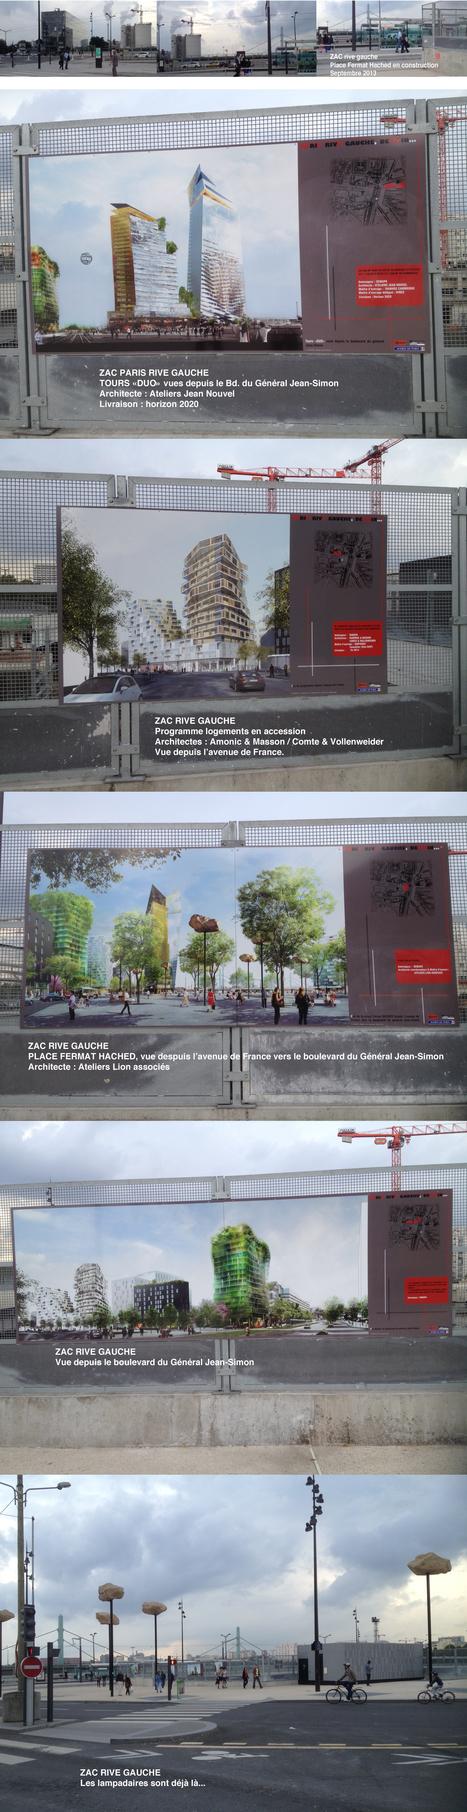 Paris XIIIème - ZAC Rive Gauche: visite dominicale d'une partie du chantier, place Fermat Hached | The Architecture of the City | Scoop.it